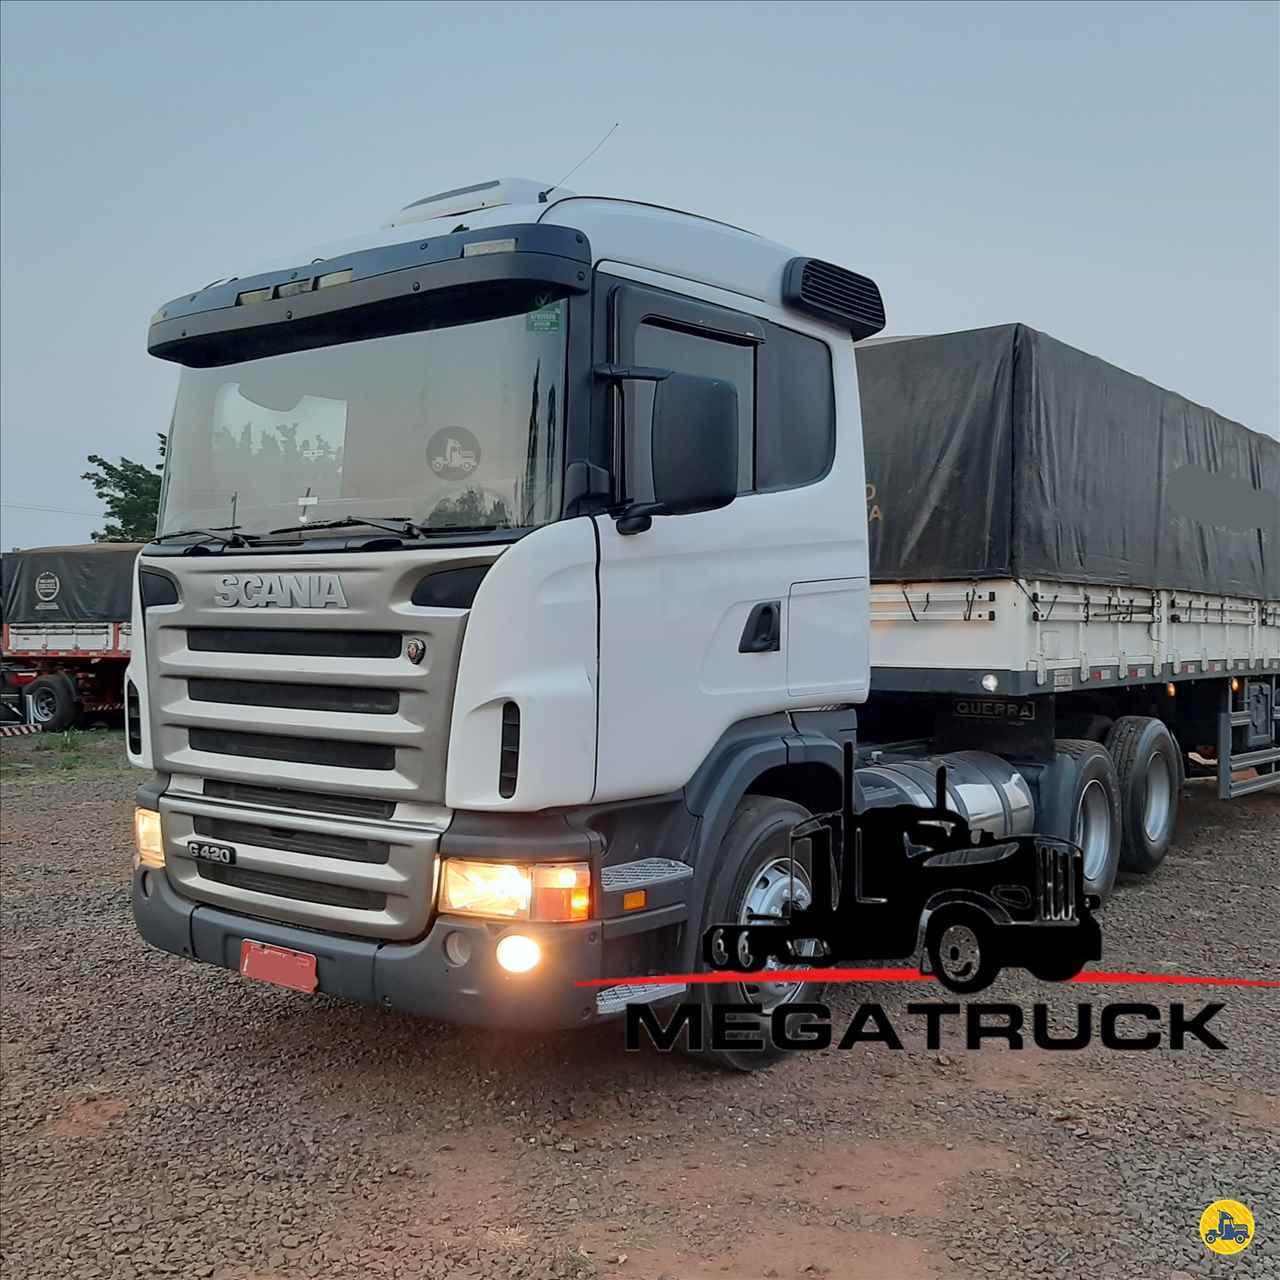 SCANIA 420 de Megatruck Caminhões e Máquinas - CAMPO GRANDE/MS